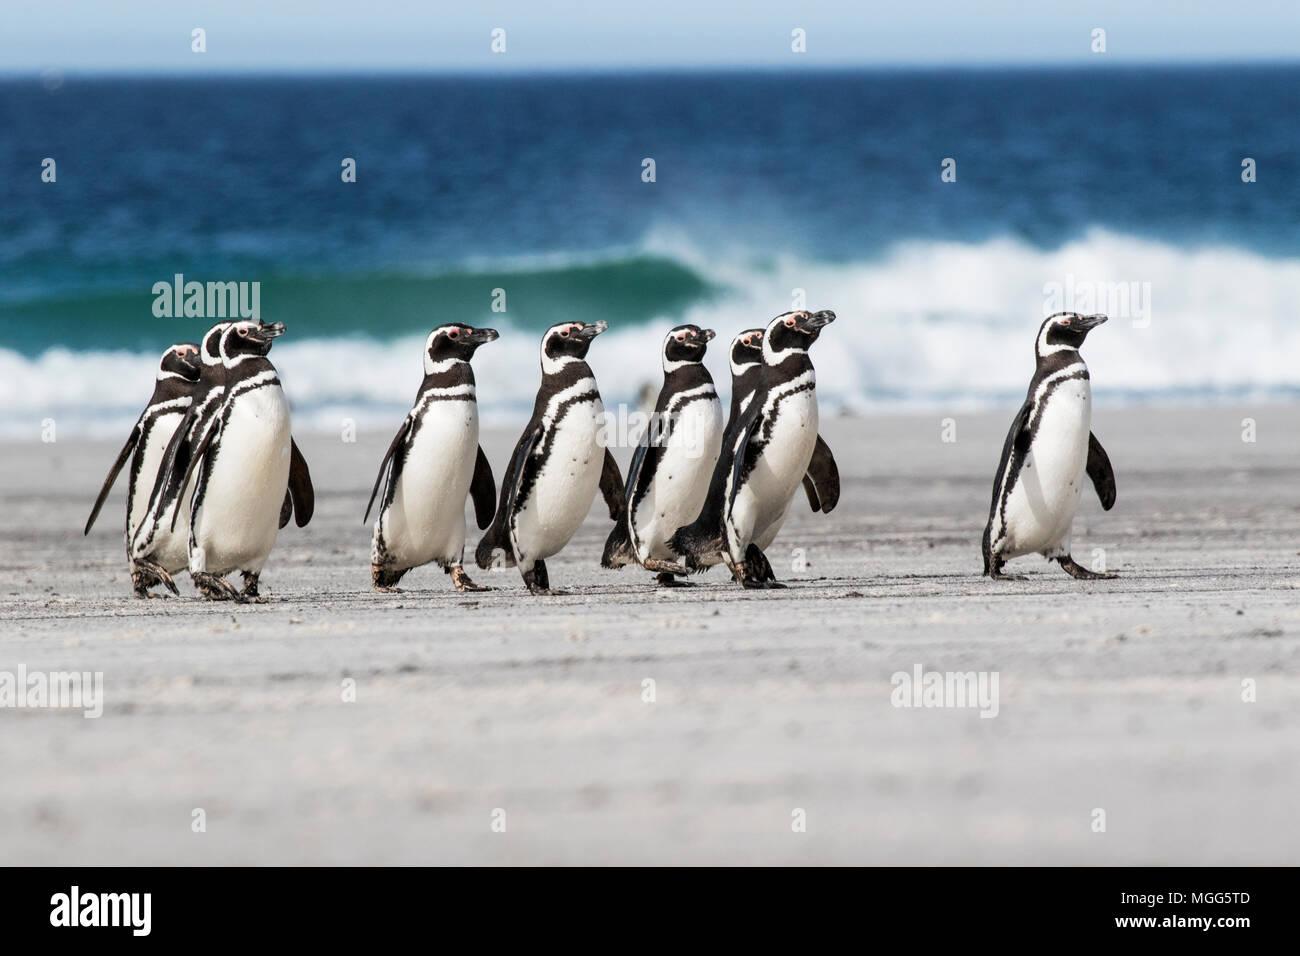 Magellanic penguin Spheniscus magellanicus groupe d'adultes walking on beach près de colonie de reproduction, Saunders Island, Îles Falkland Banque D'Images